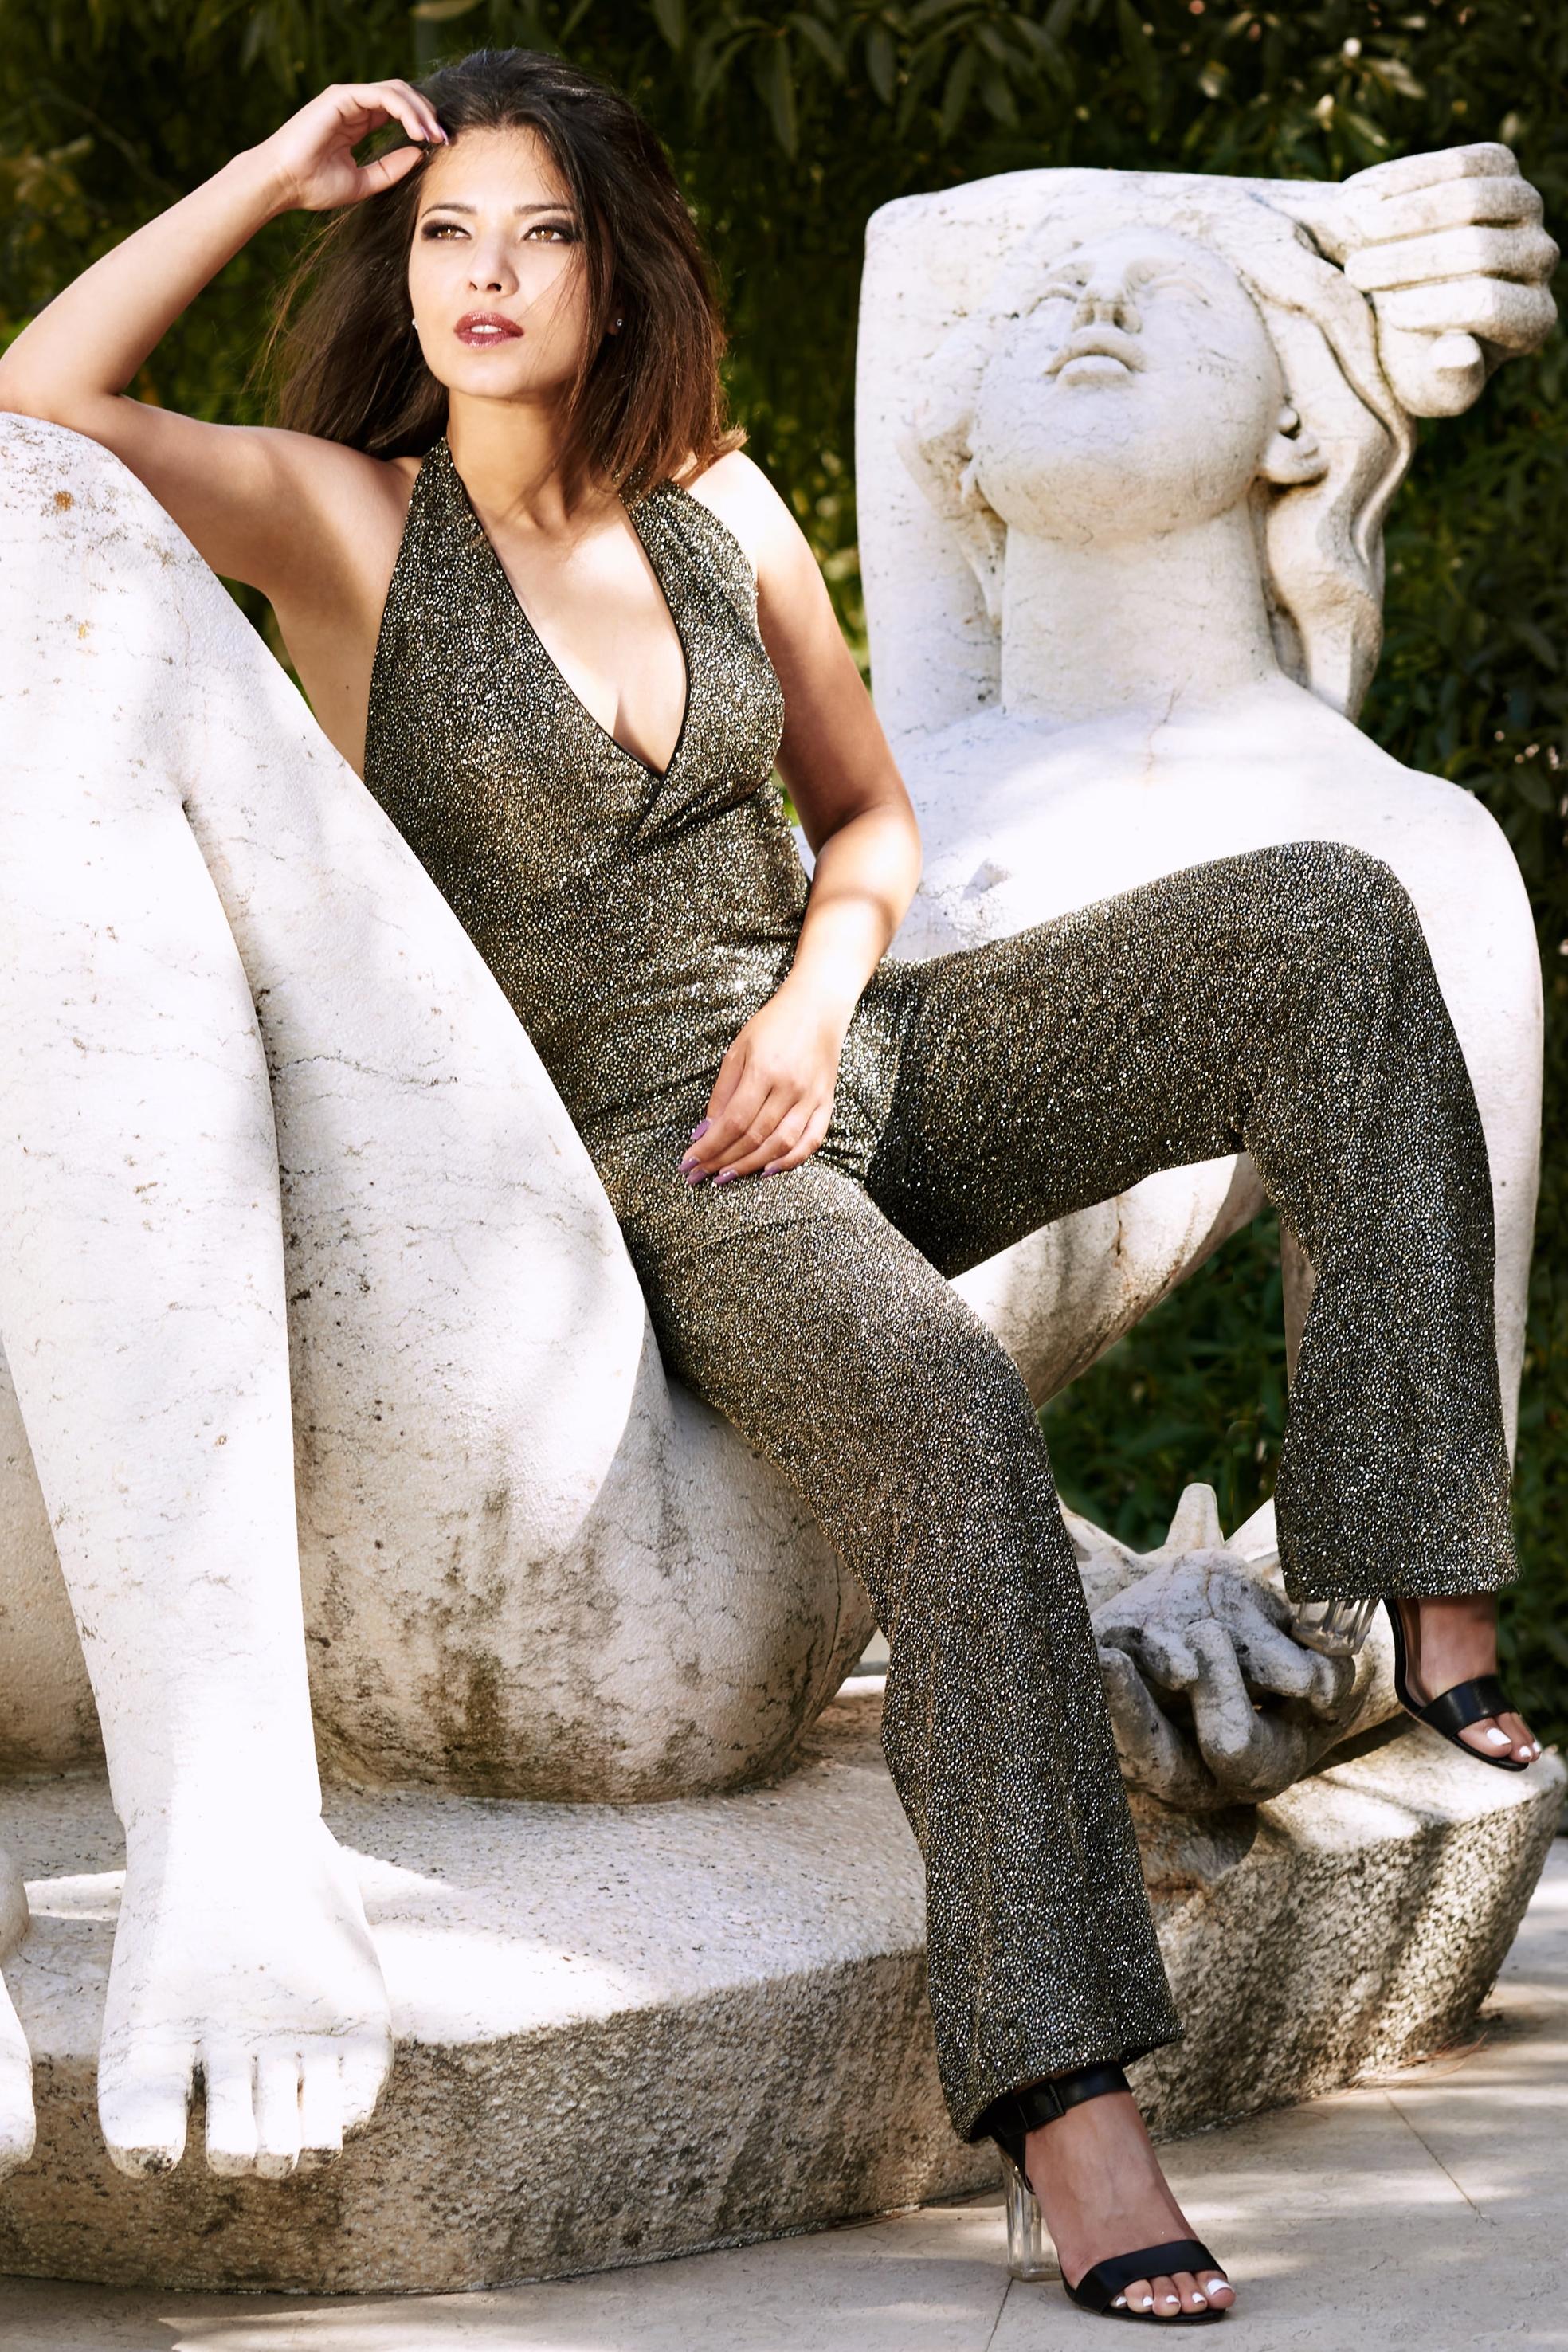 Marta-Hewson-Portugal-Fashionshoot-Amanda33099.jpg